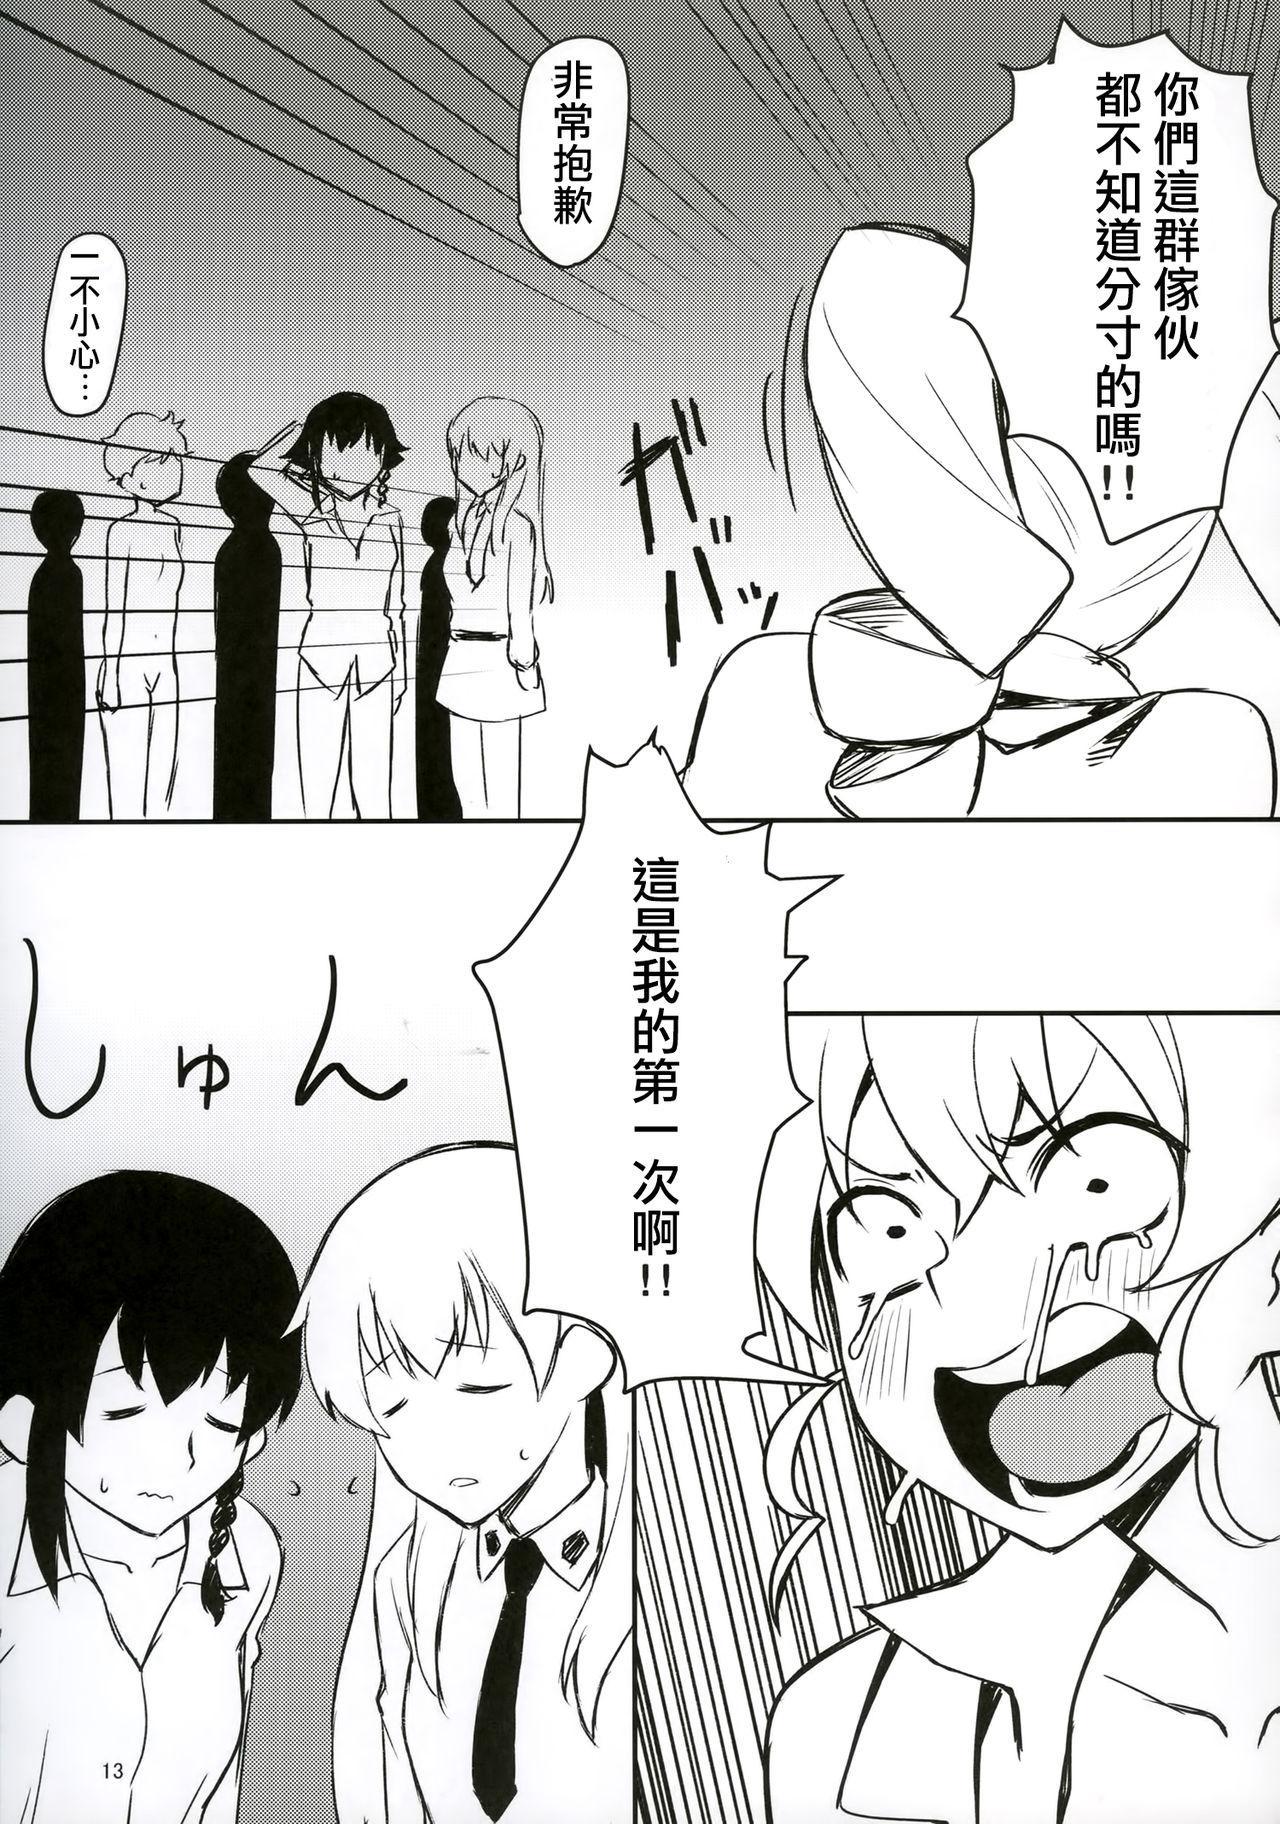 Futanari-san Team vs Duce 11